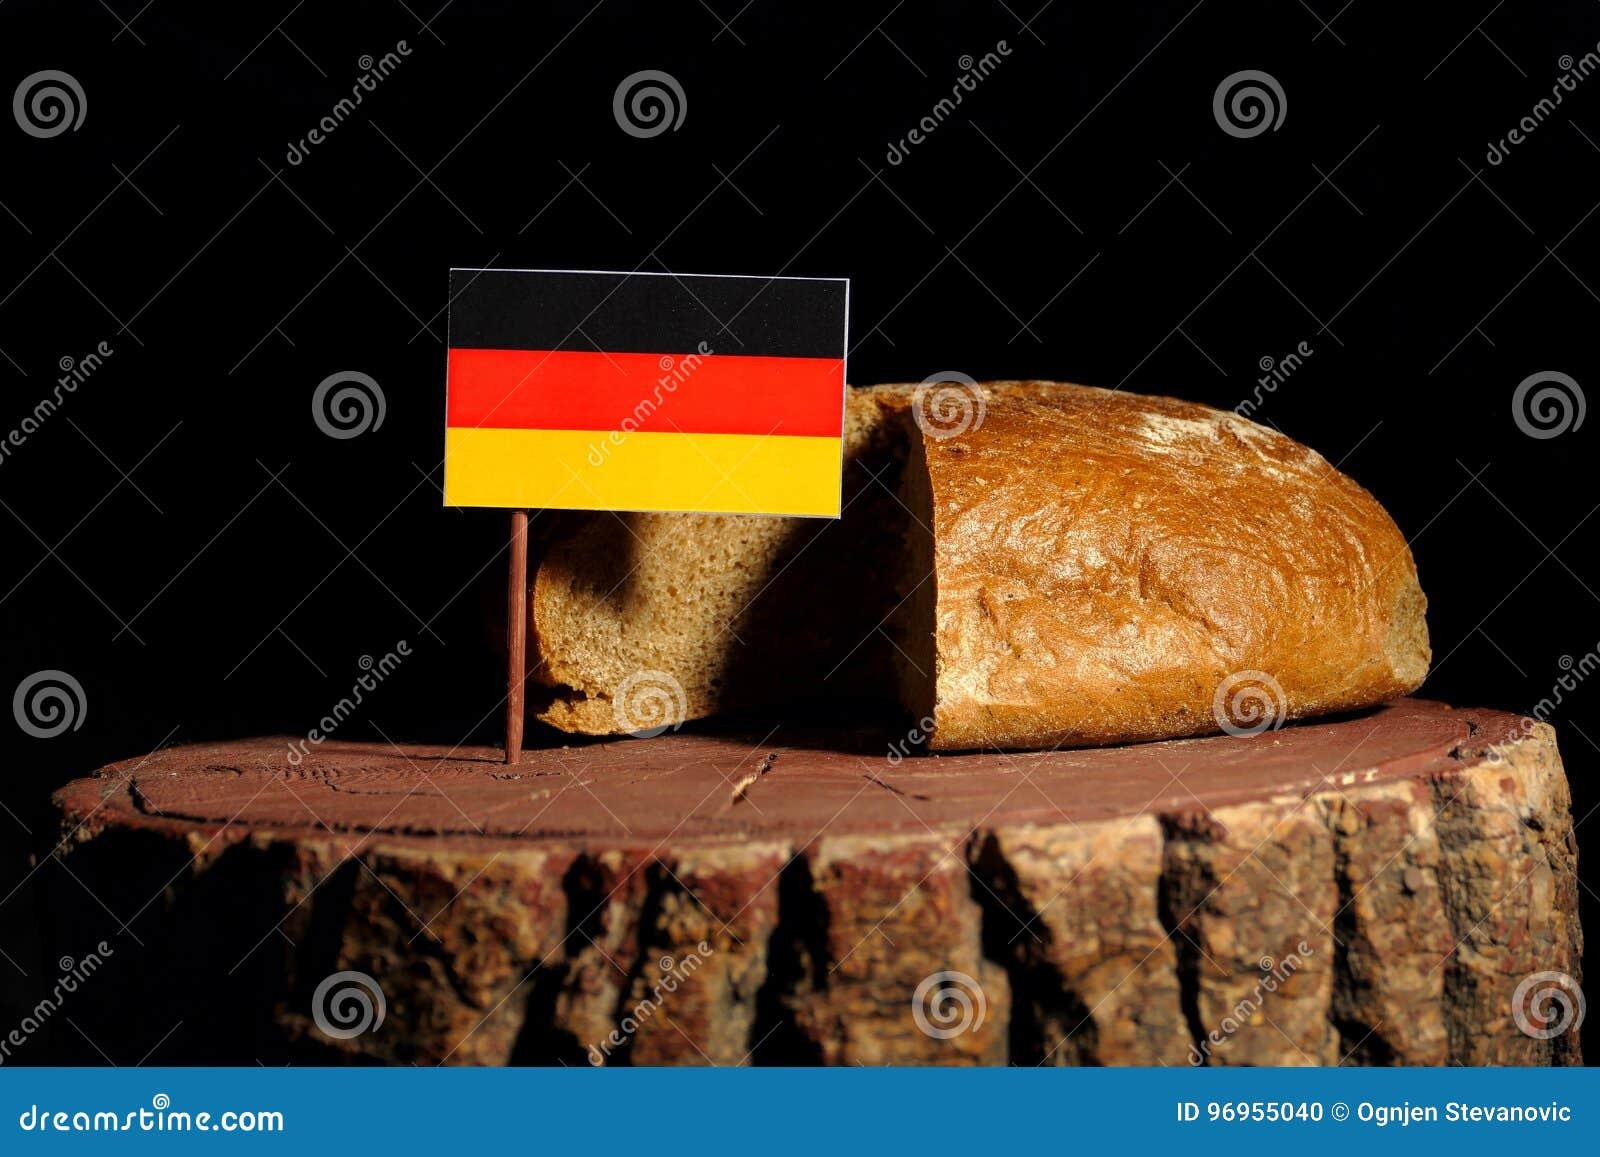 Deutsche Flagge auf einem Stumpf mit Brot